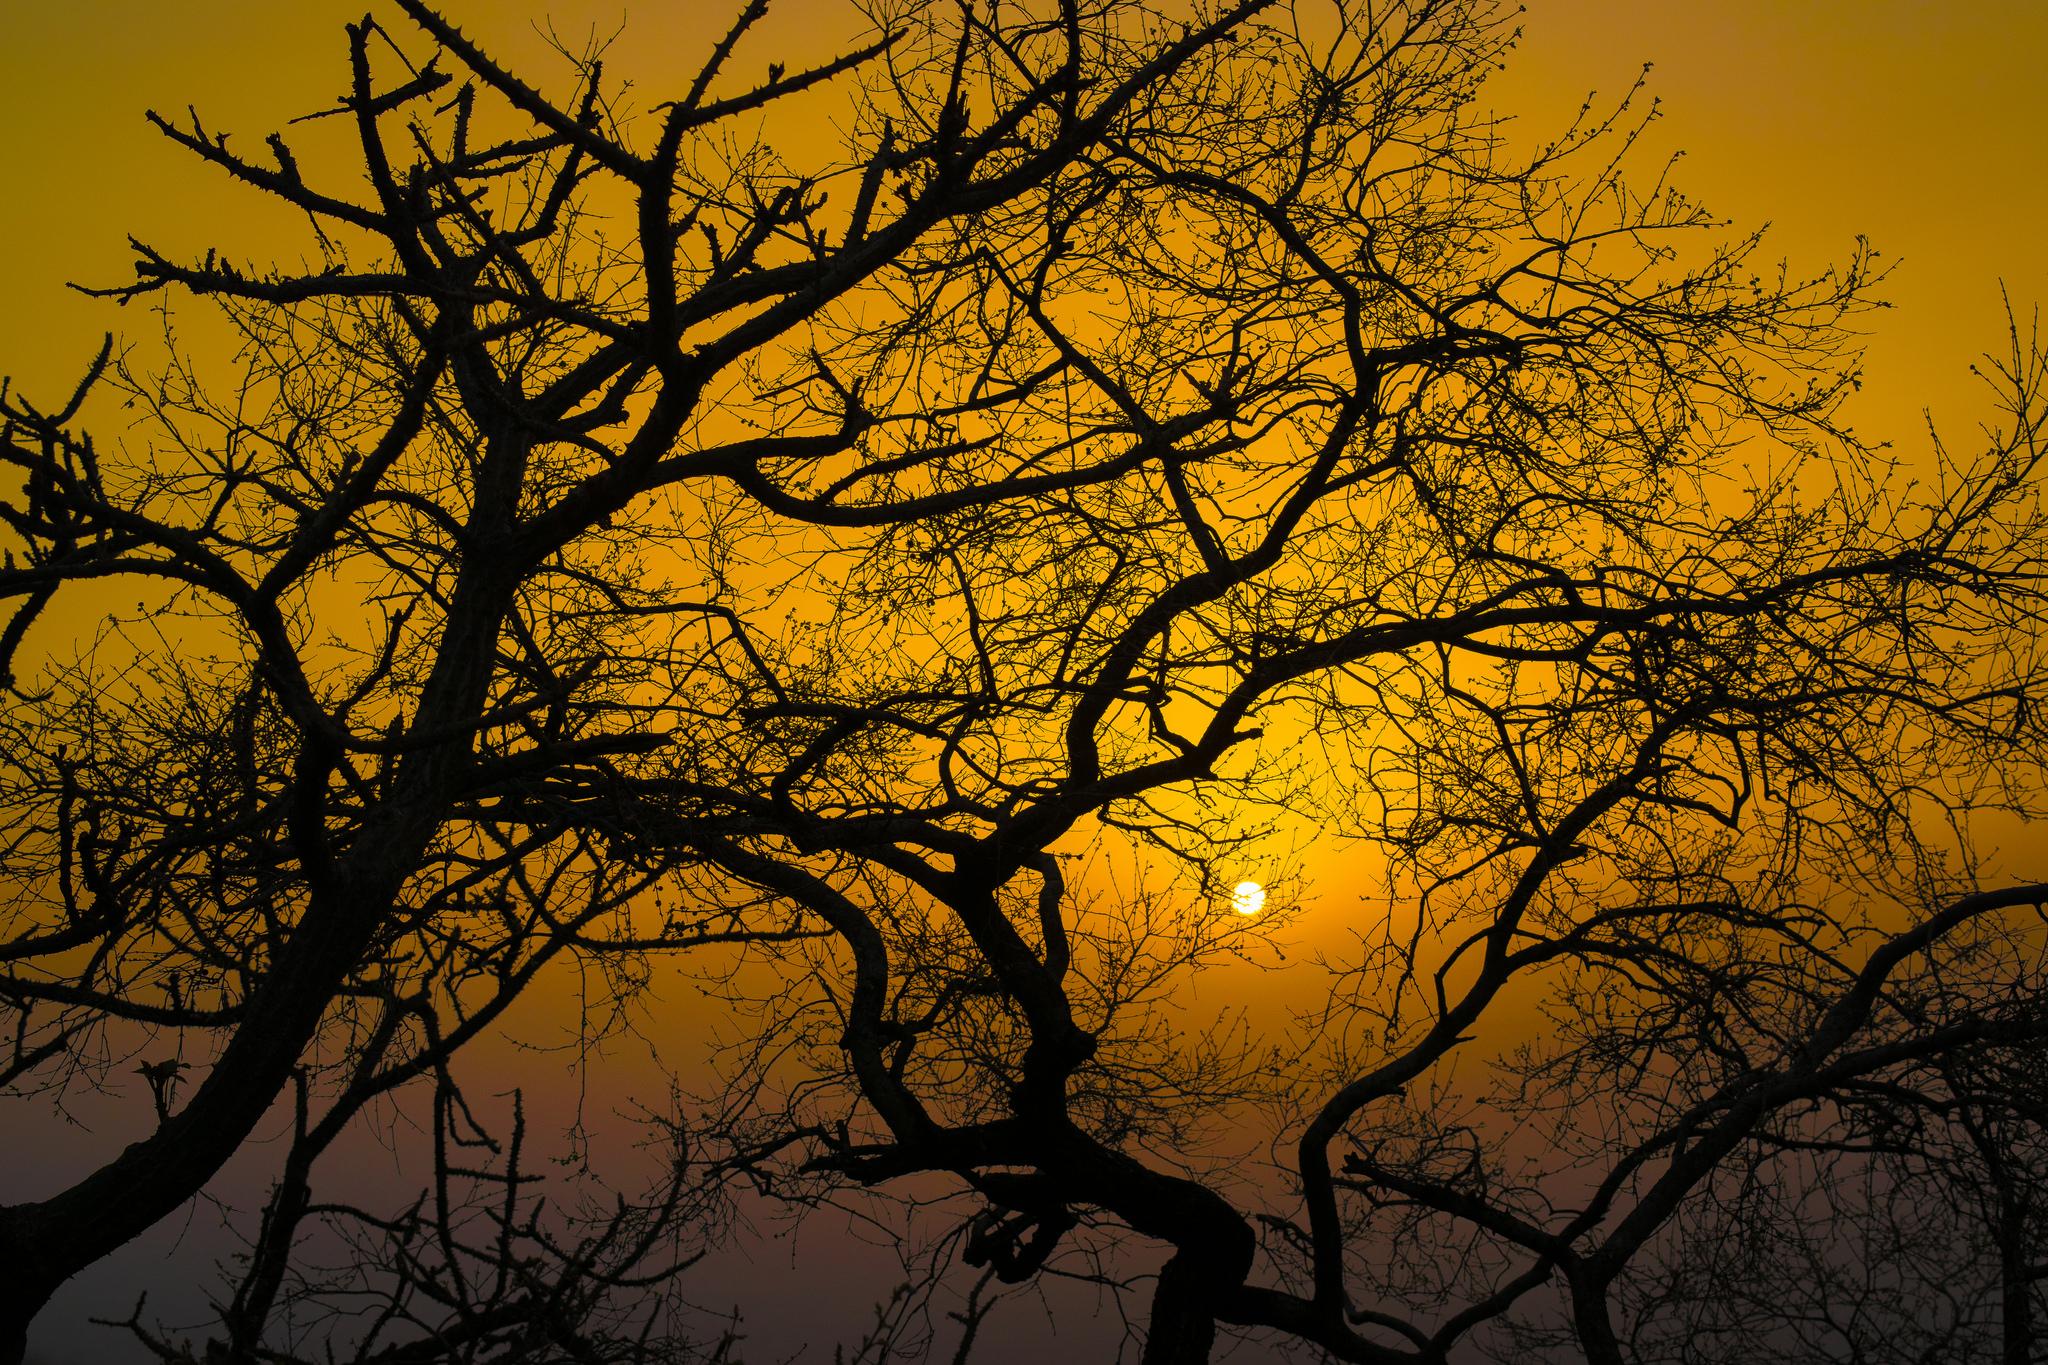 The Trapped Sun by Sankha Chakraborty